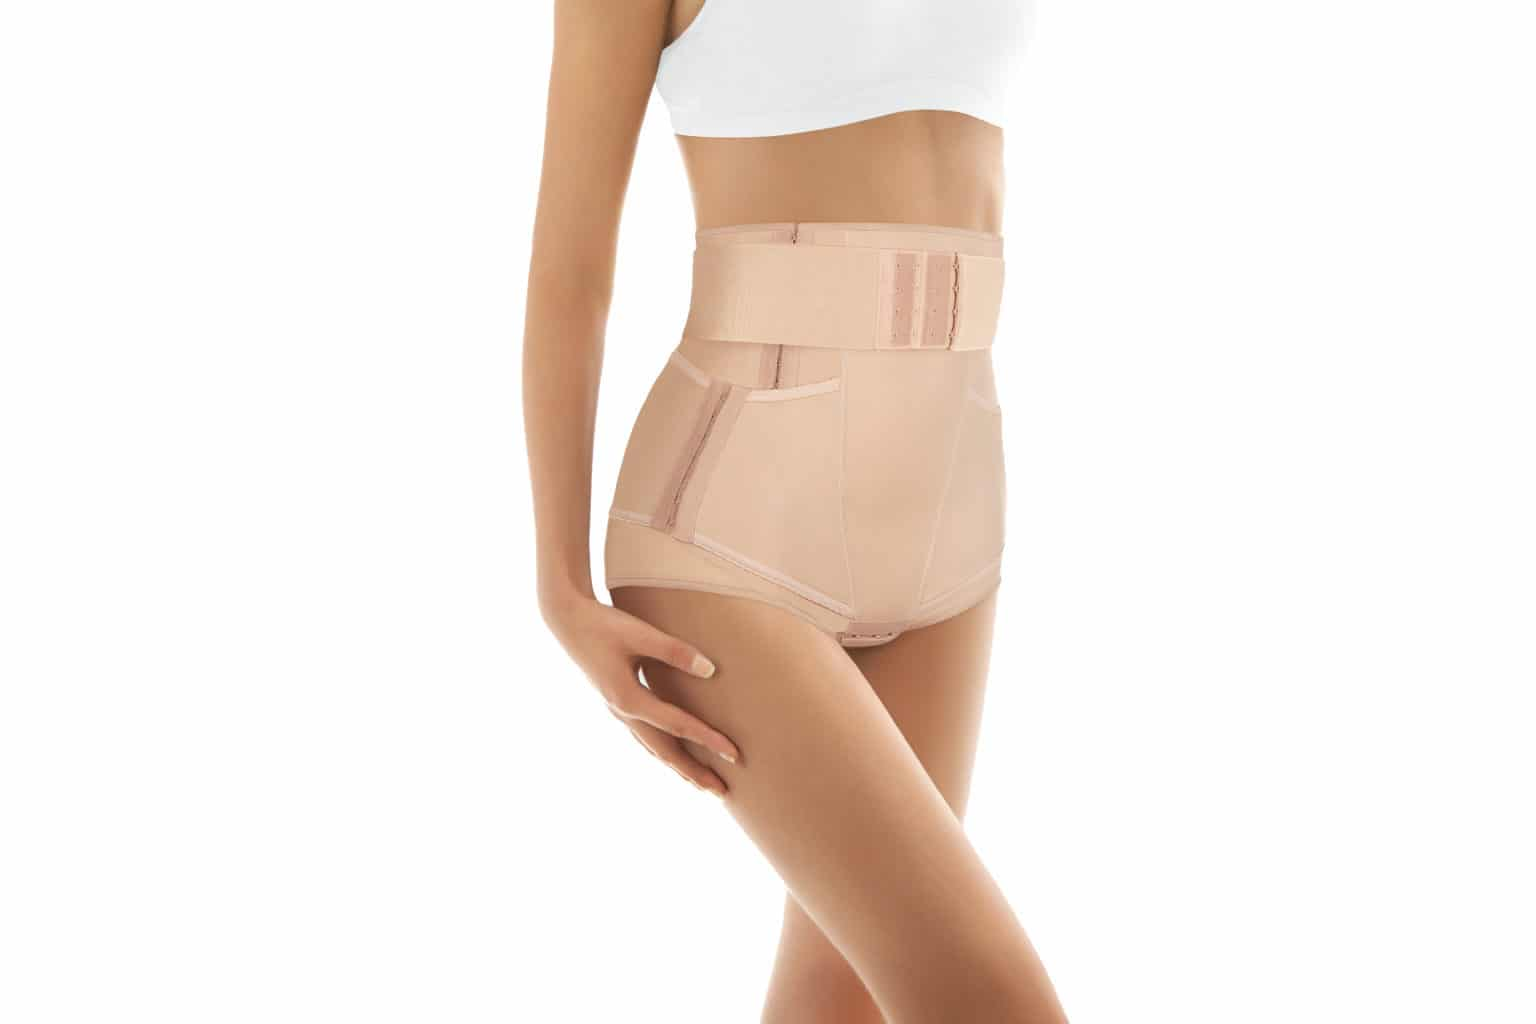 Bandagerad kvinna efter fettsugning